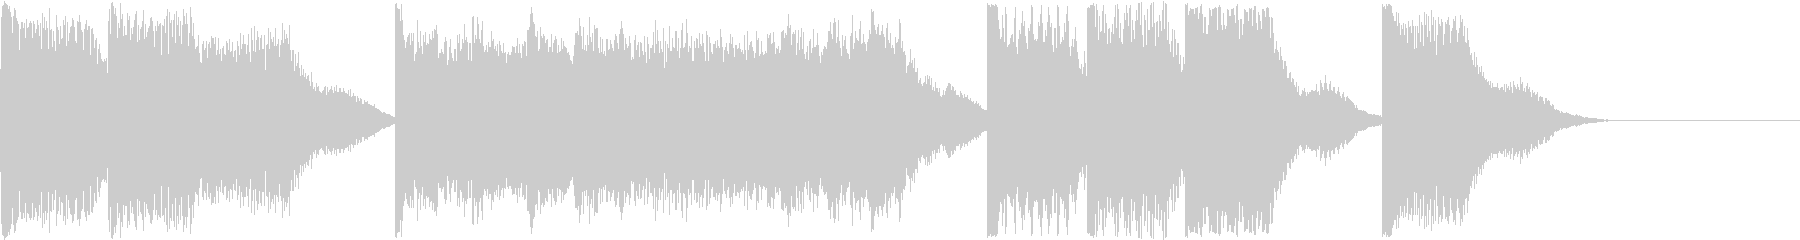 AI メカ/ロボ/マシン動作音 5の未再生の波形